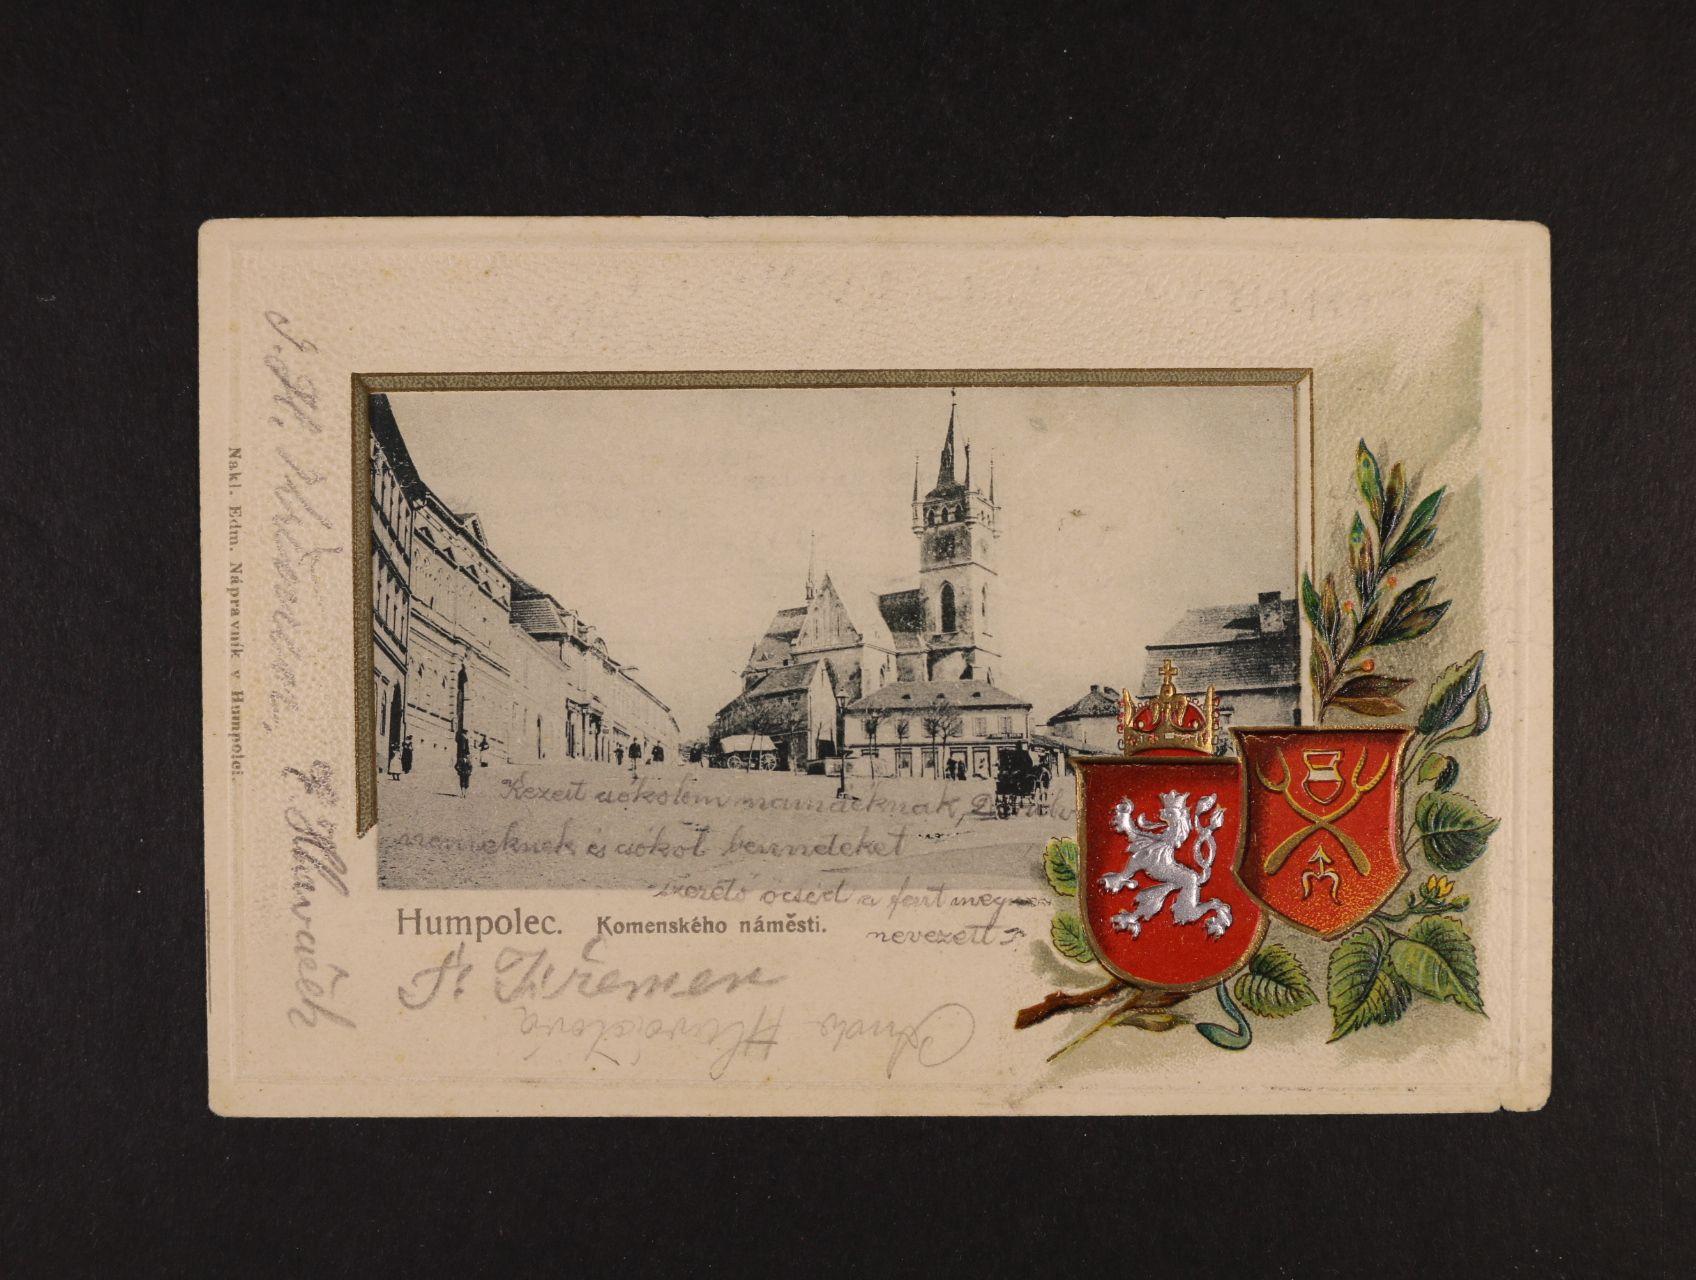 Humpolec - bar. reliéfní litograf. koláž, dl. adresa, použitá 1907, dobrá kvalita